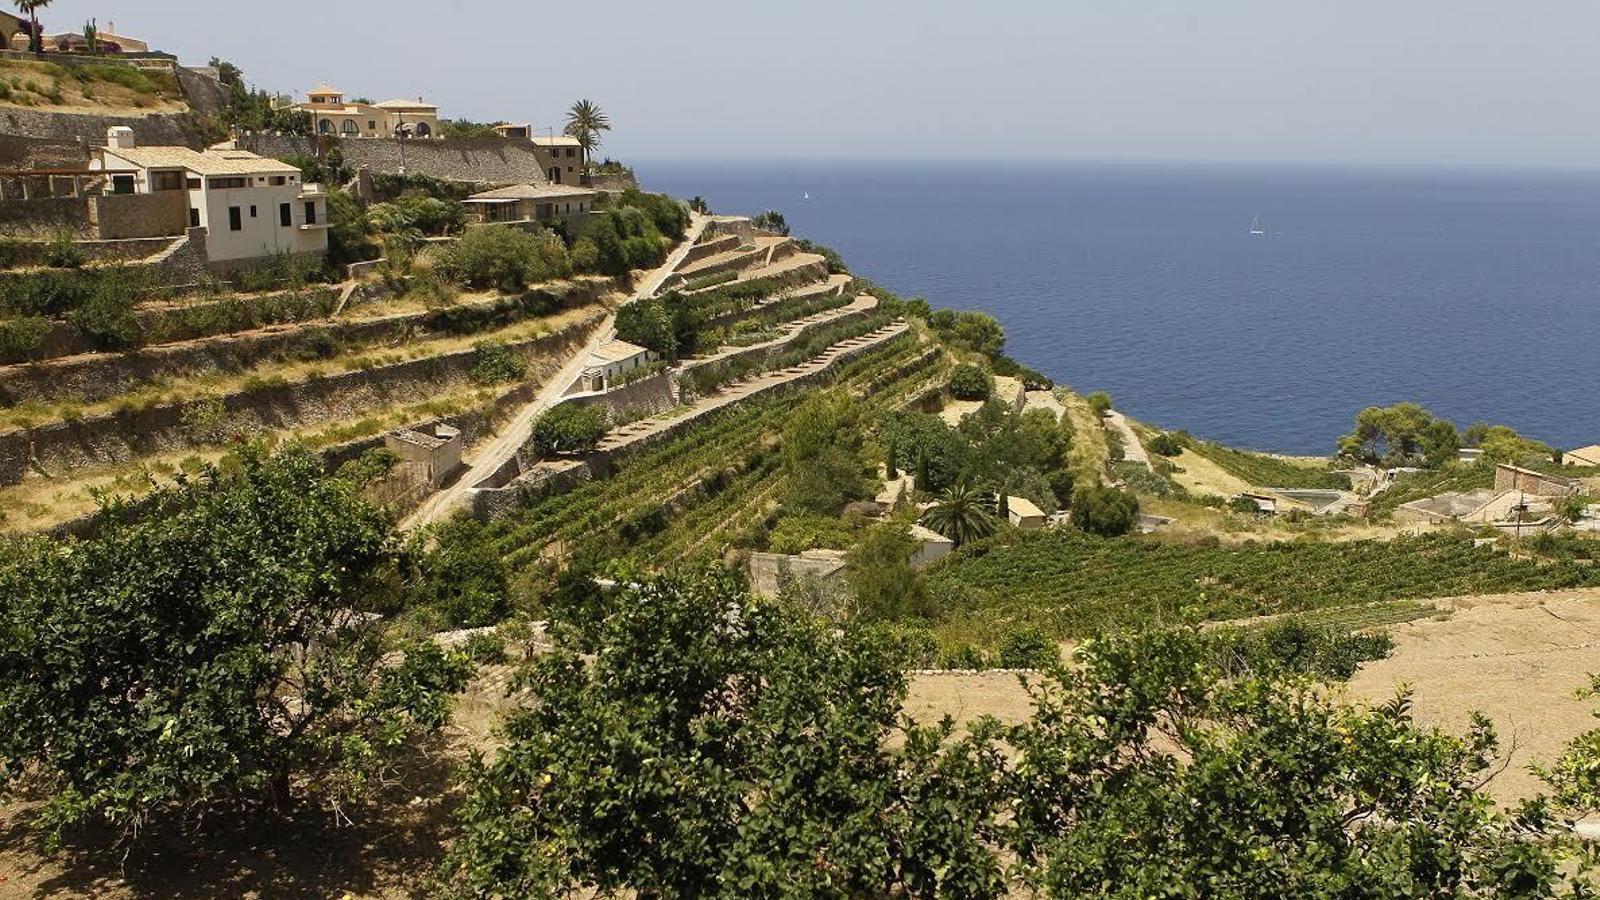 El poble de Banyalbufar, un dels més afectats per la sequera a Balears.